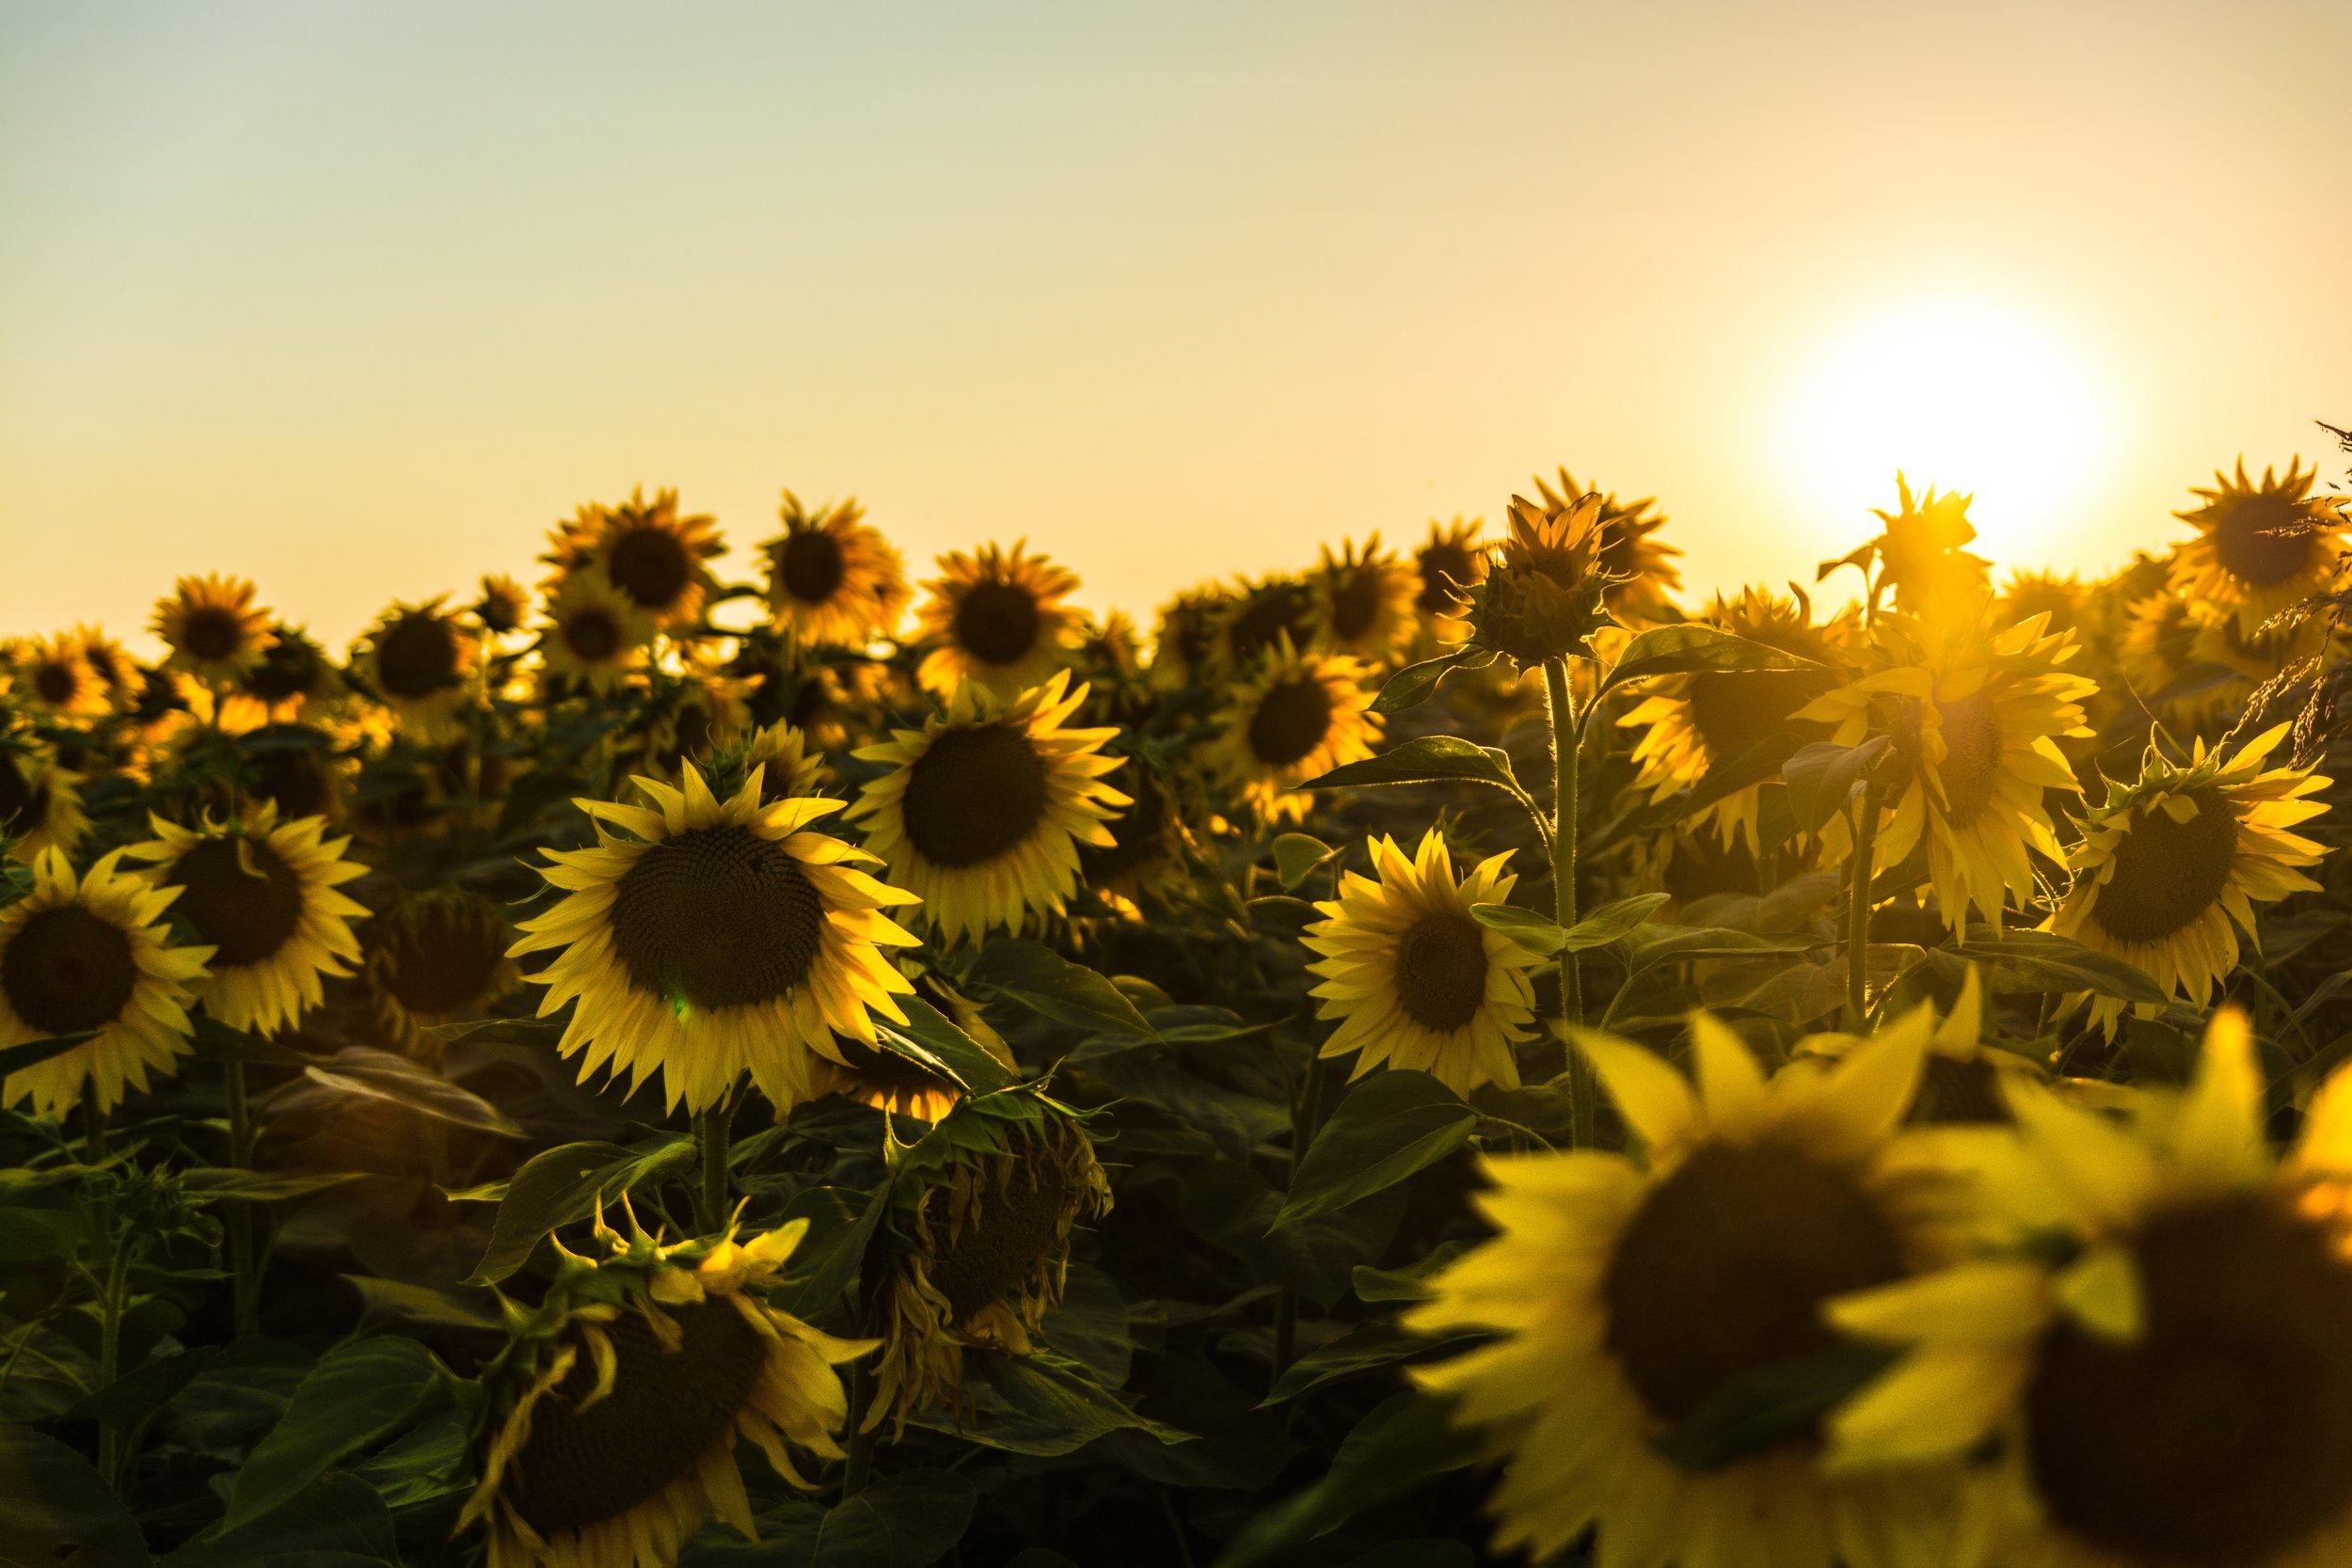 flowers in sunny field_unsplash.jpg